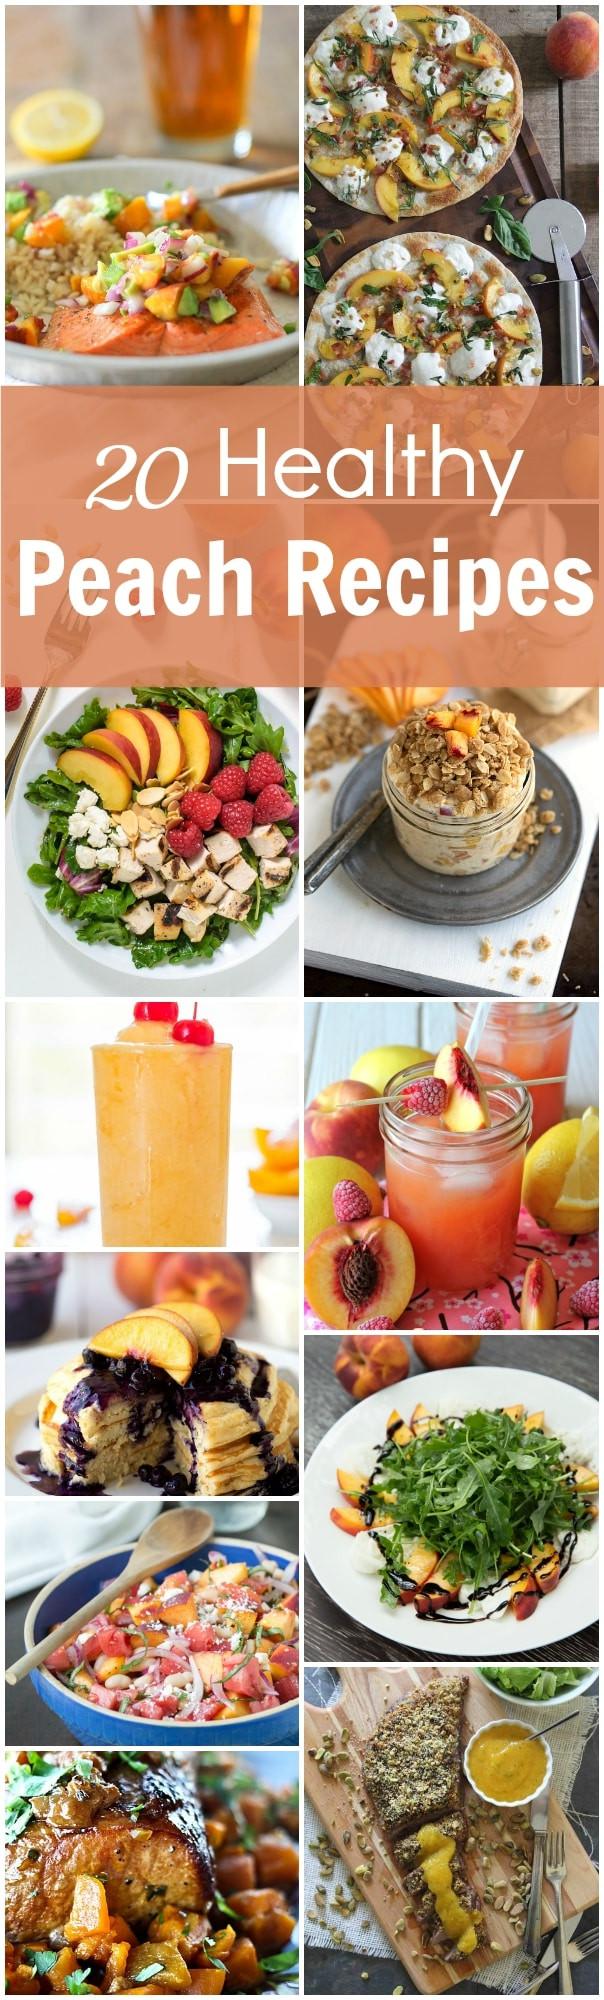 Healthy Peach Recipes  20 Healthy Peach Recipes Primavera Kitchen